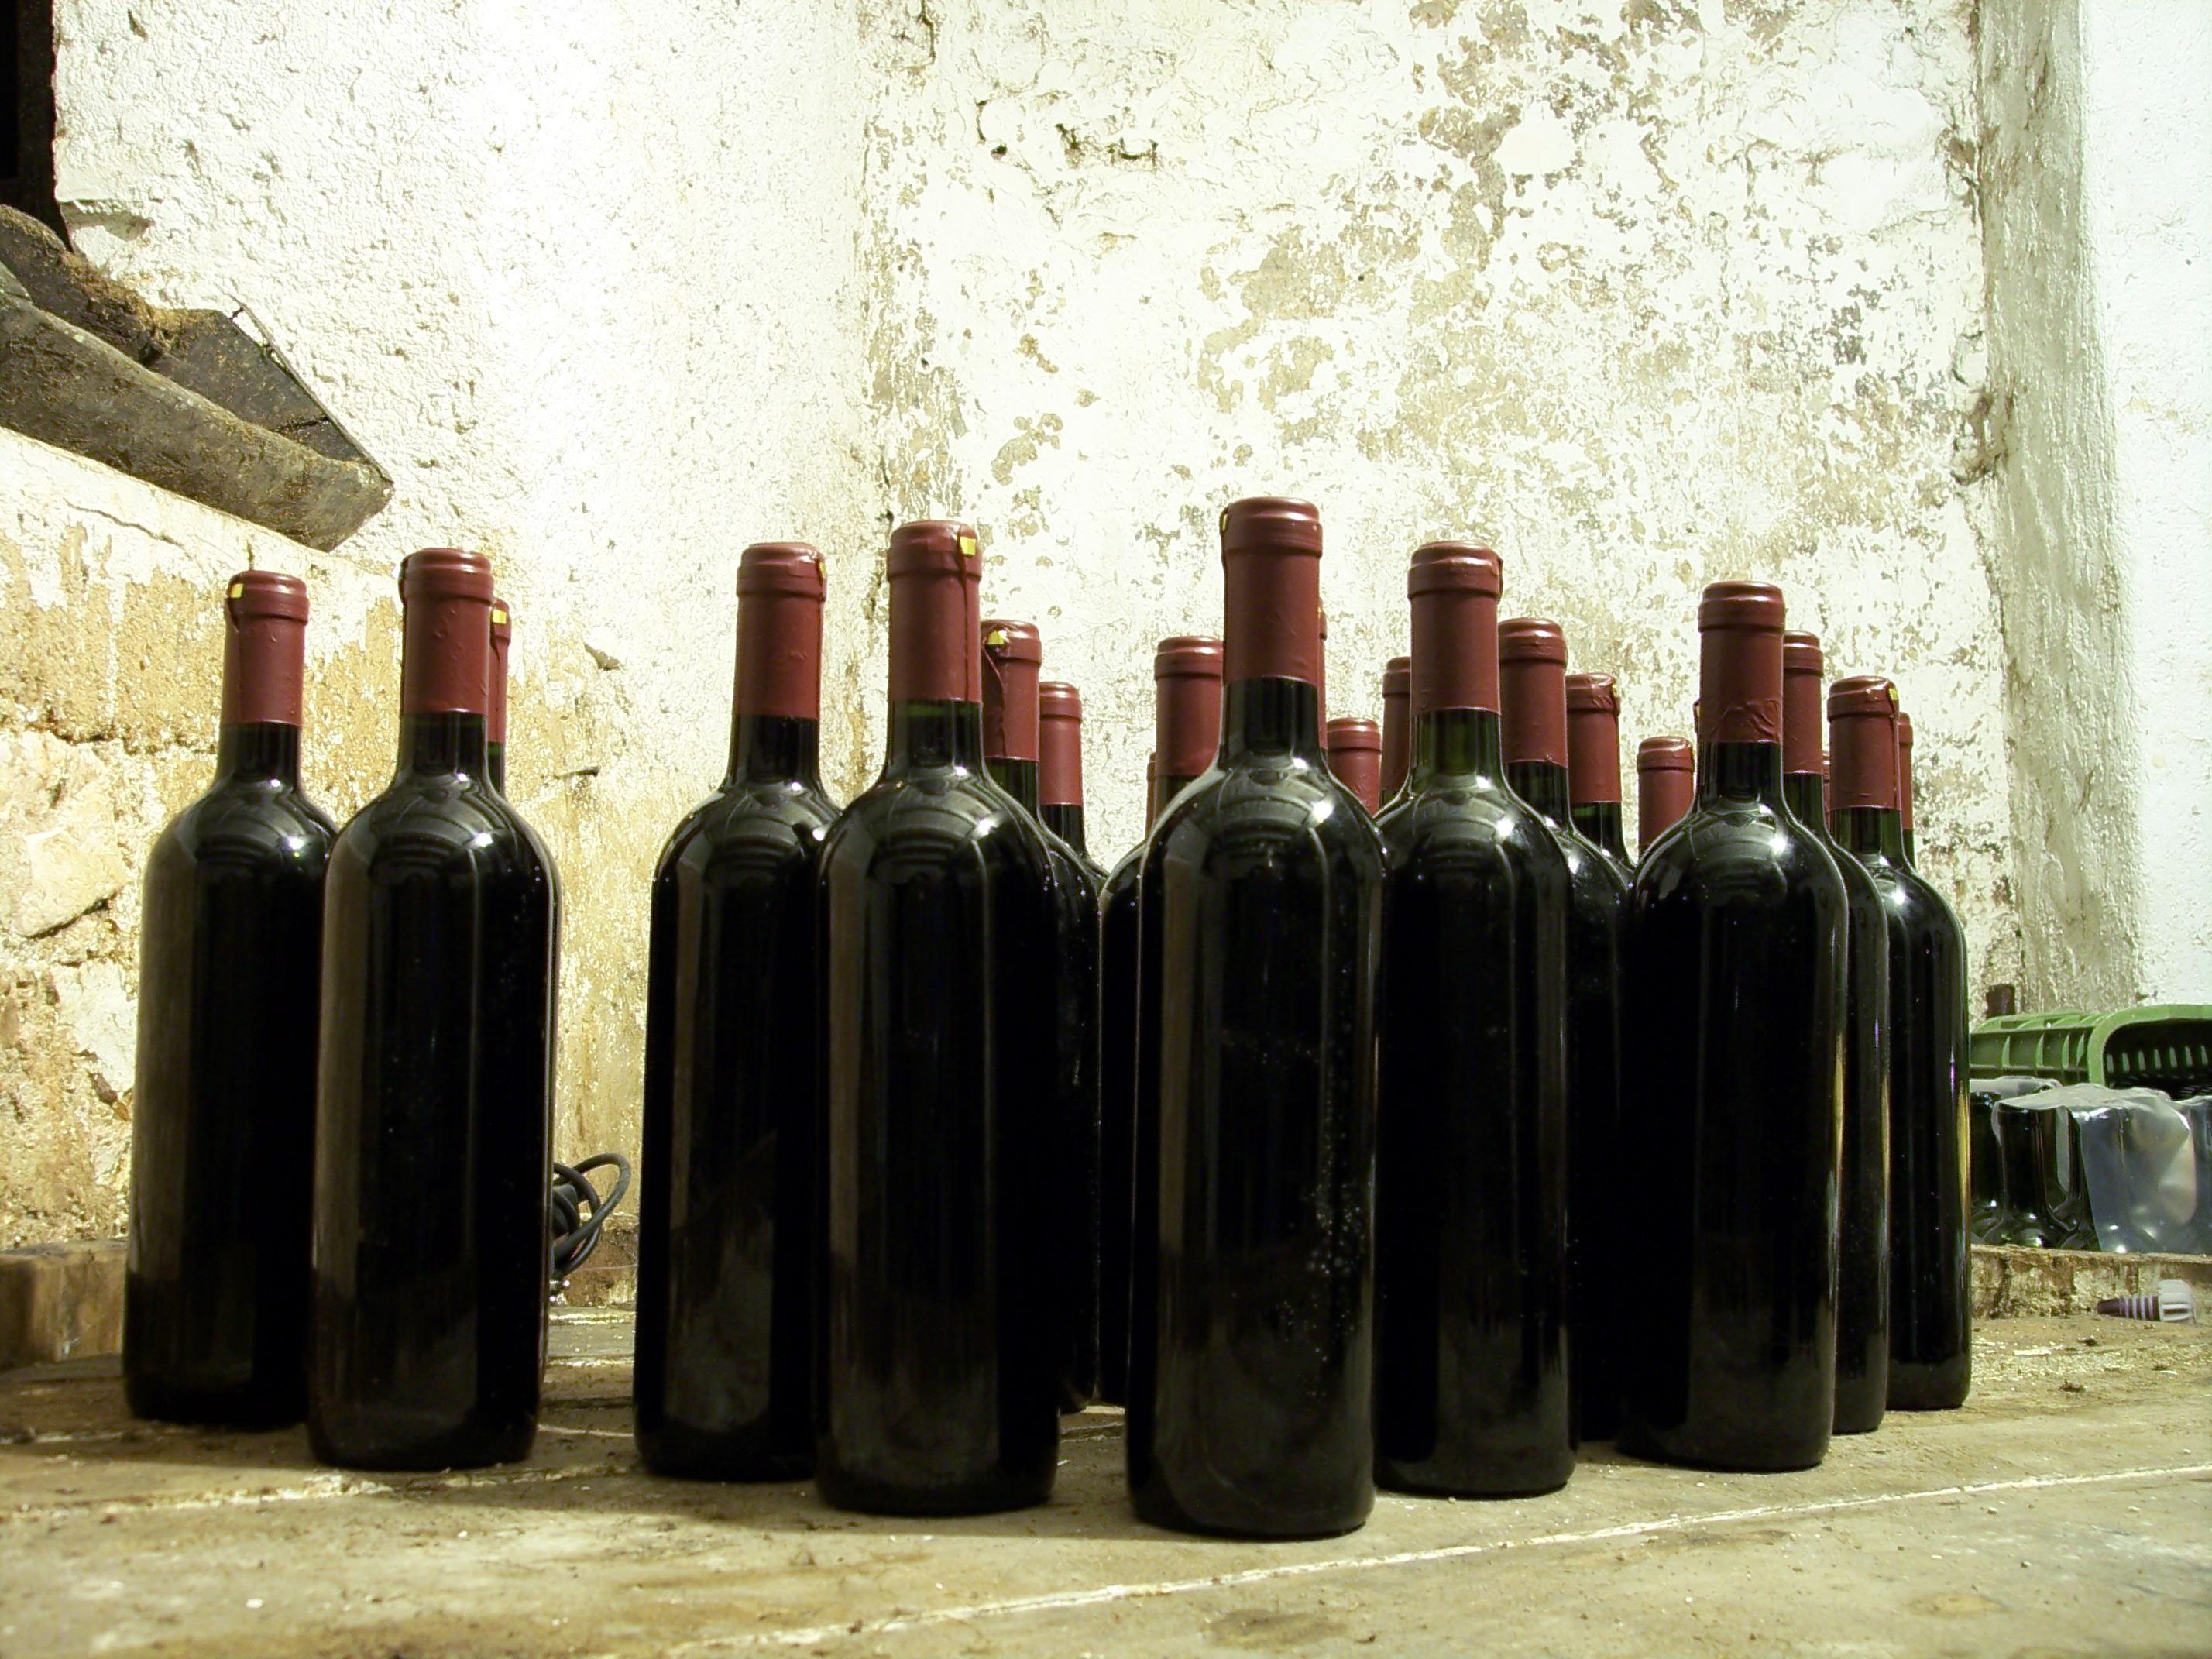 удовиченко картинки вина в бутылке дома принял